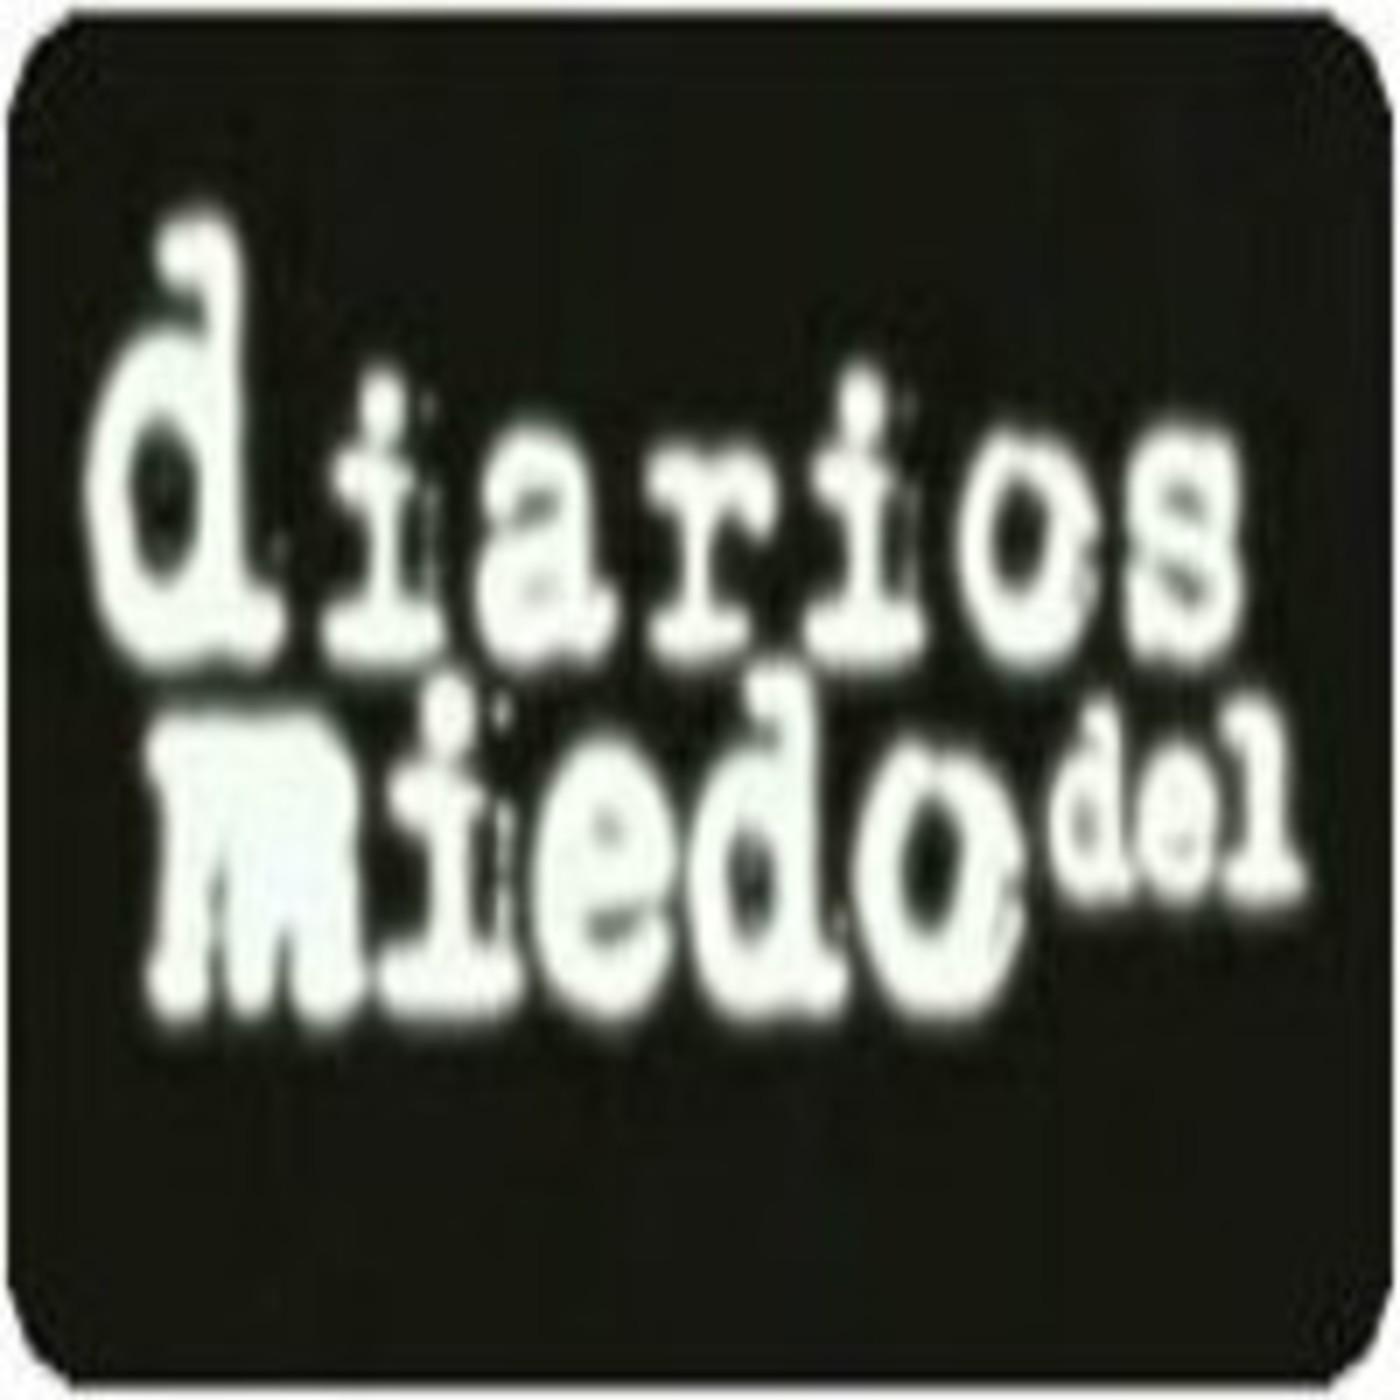 Diarios del Miedo\' en Misterios en mp3(05/06 a las 00:04:58) 03:56 ...